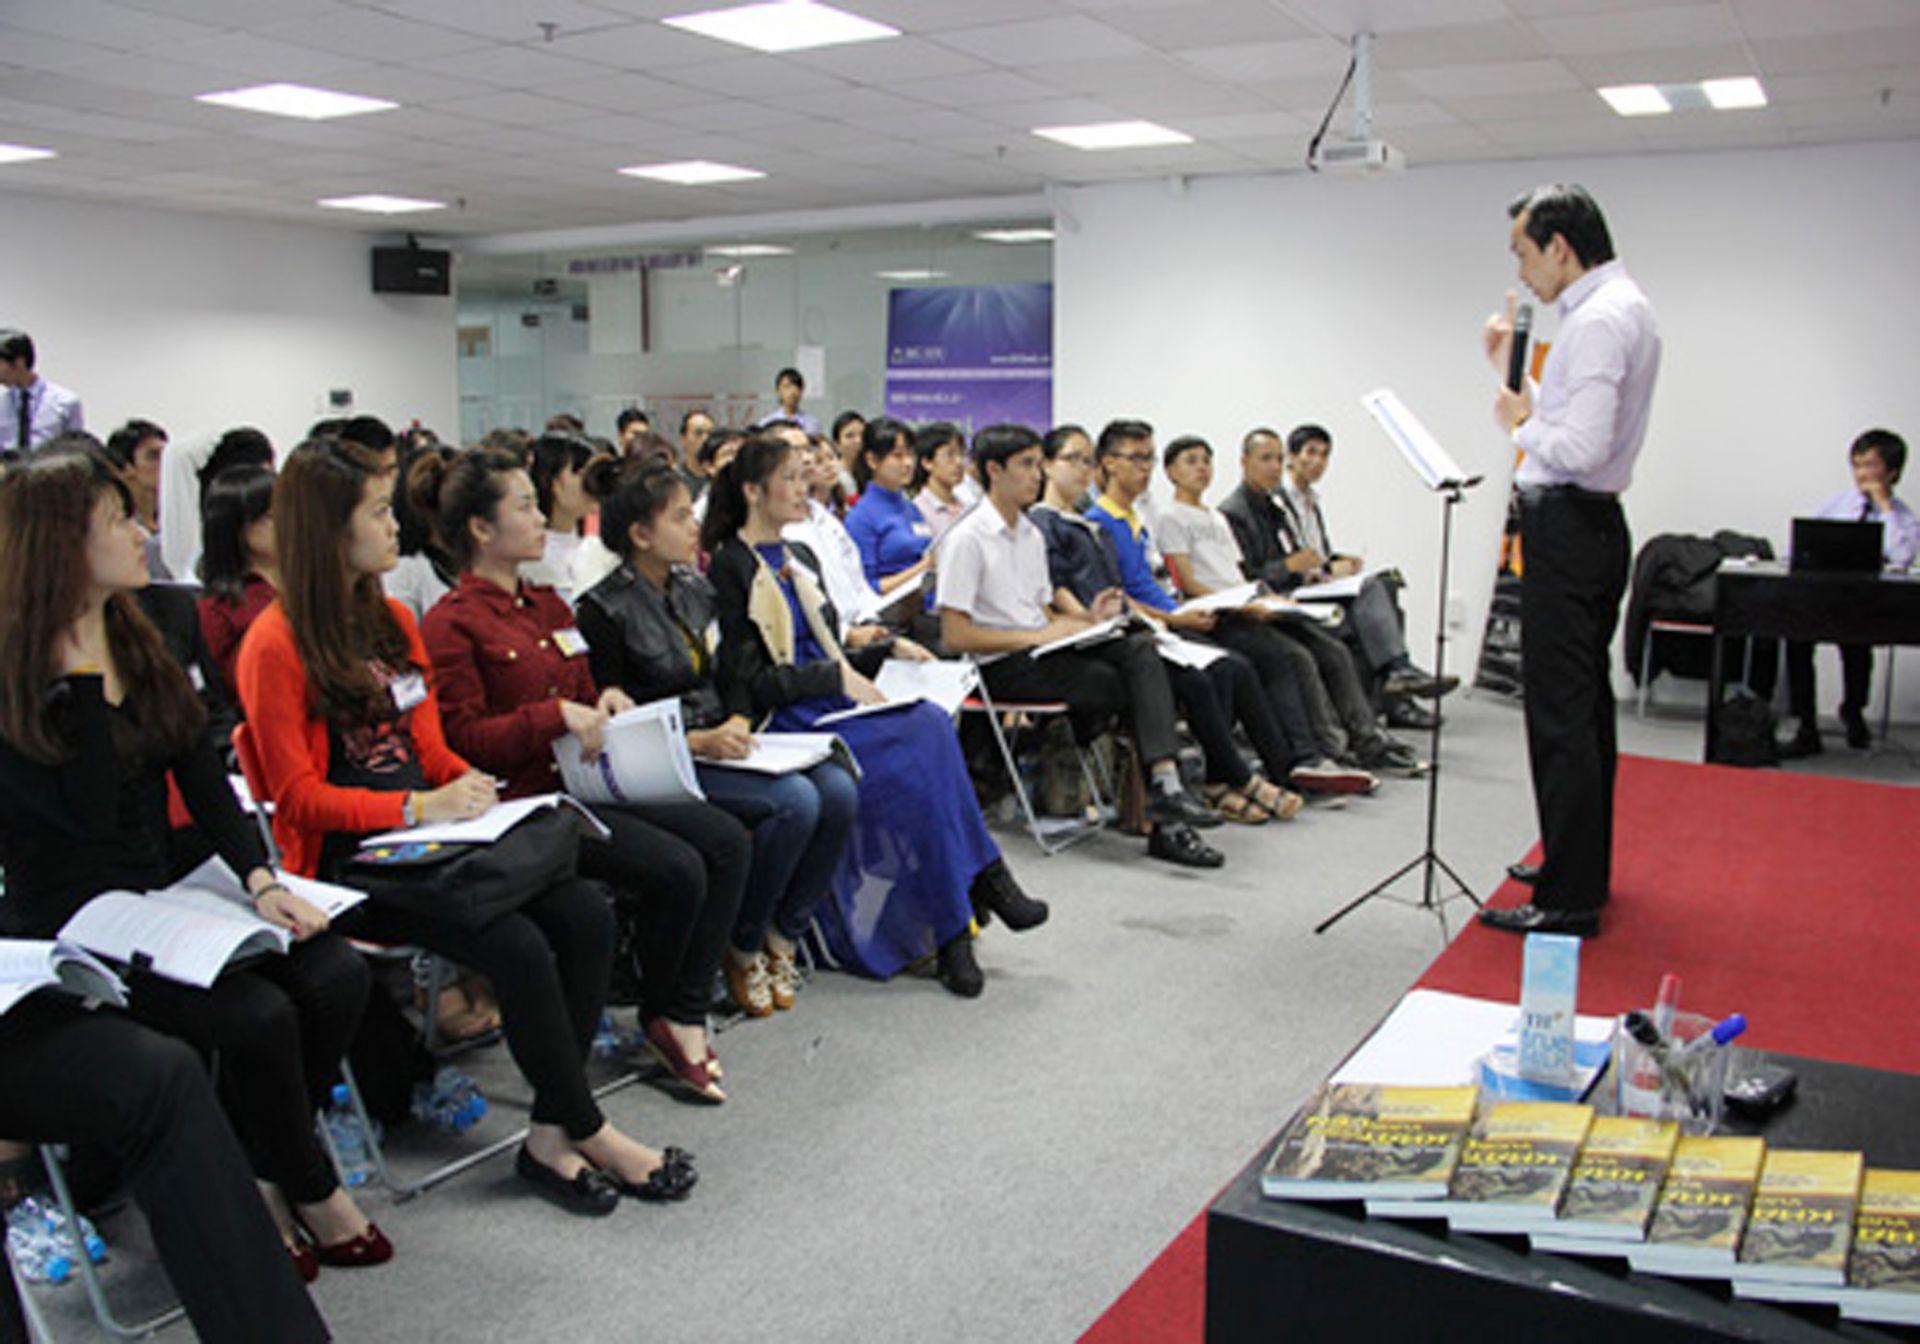 22 doanh nghiệp đa cấp ở Việt Nam có doanh thu hơn 15.400 tỷ đồng